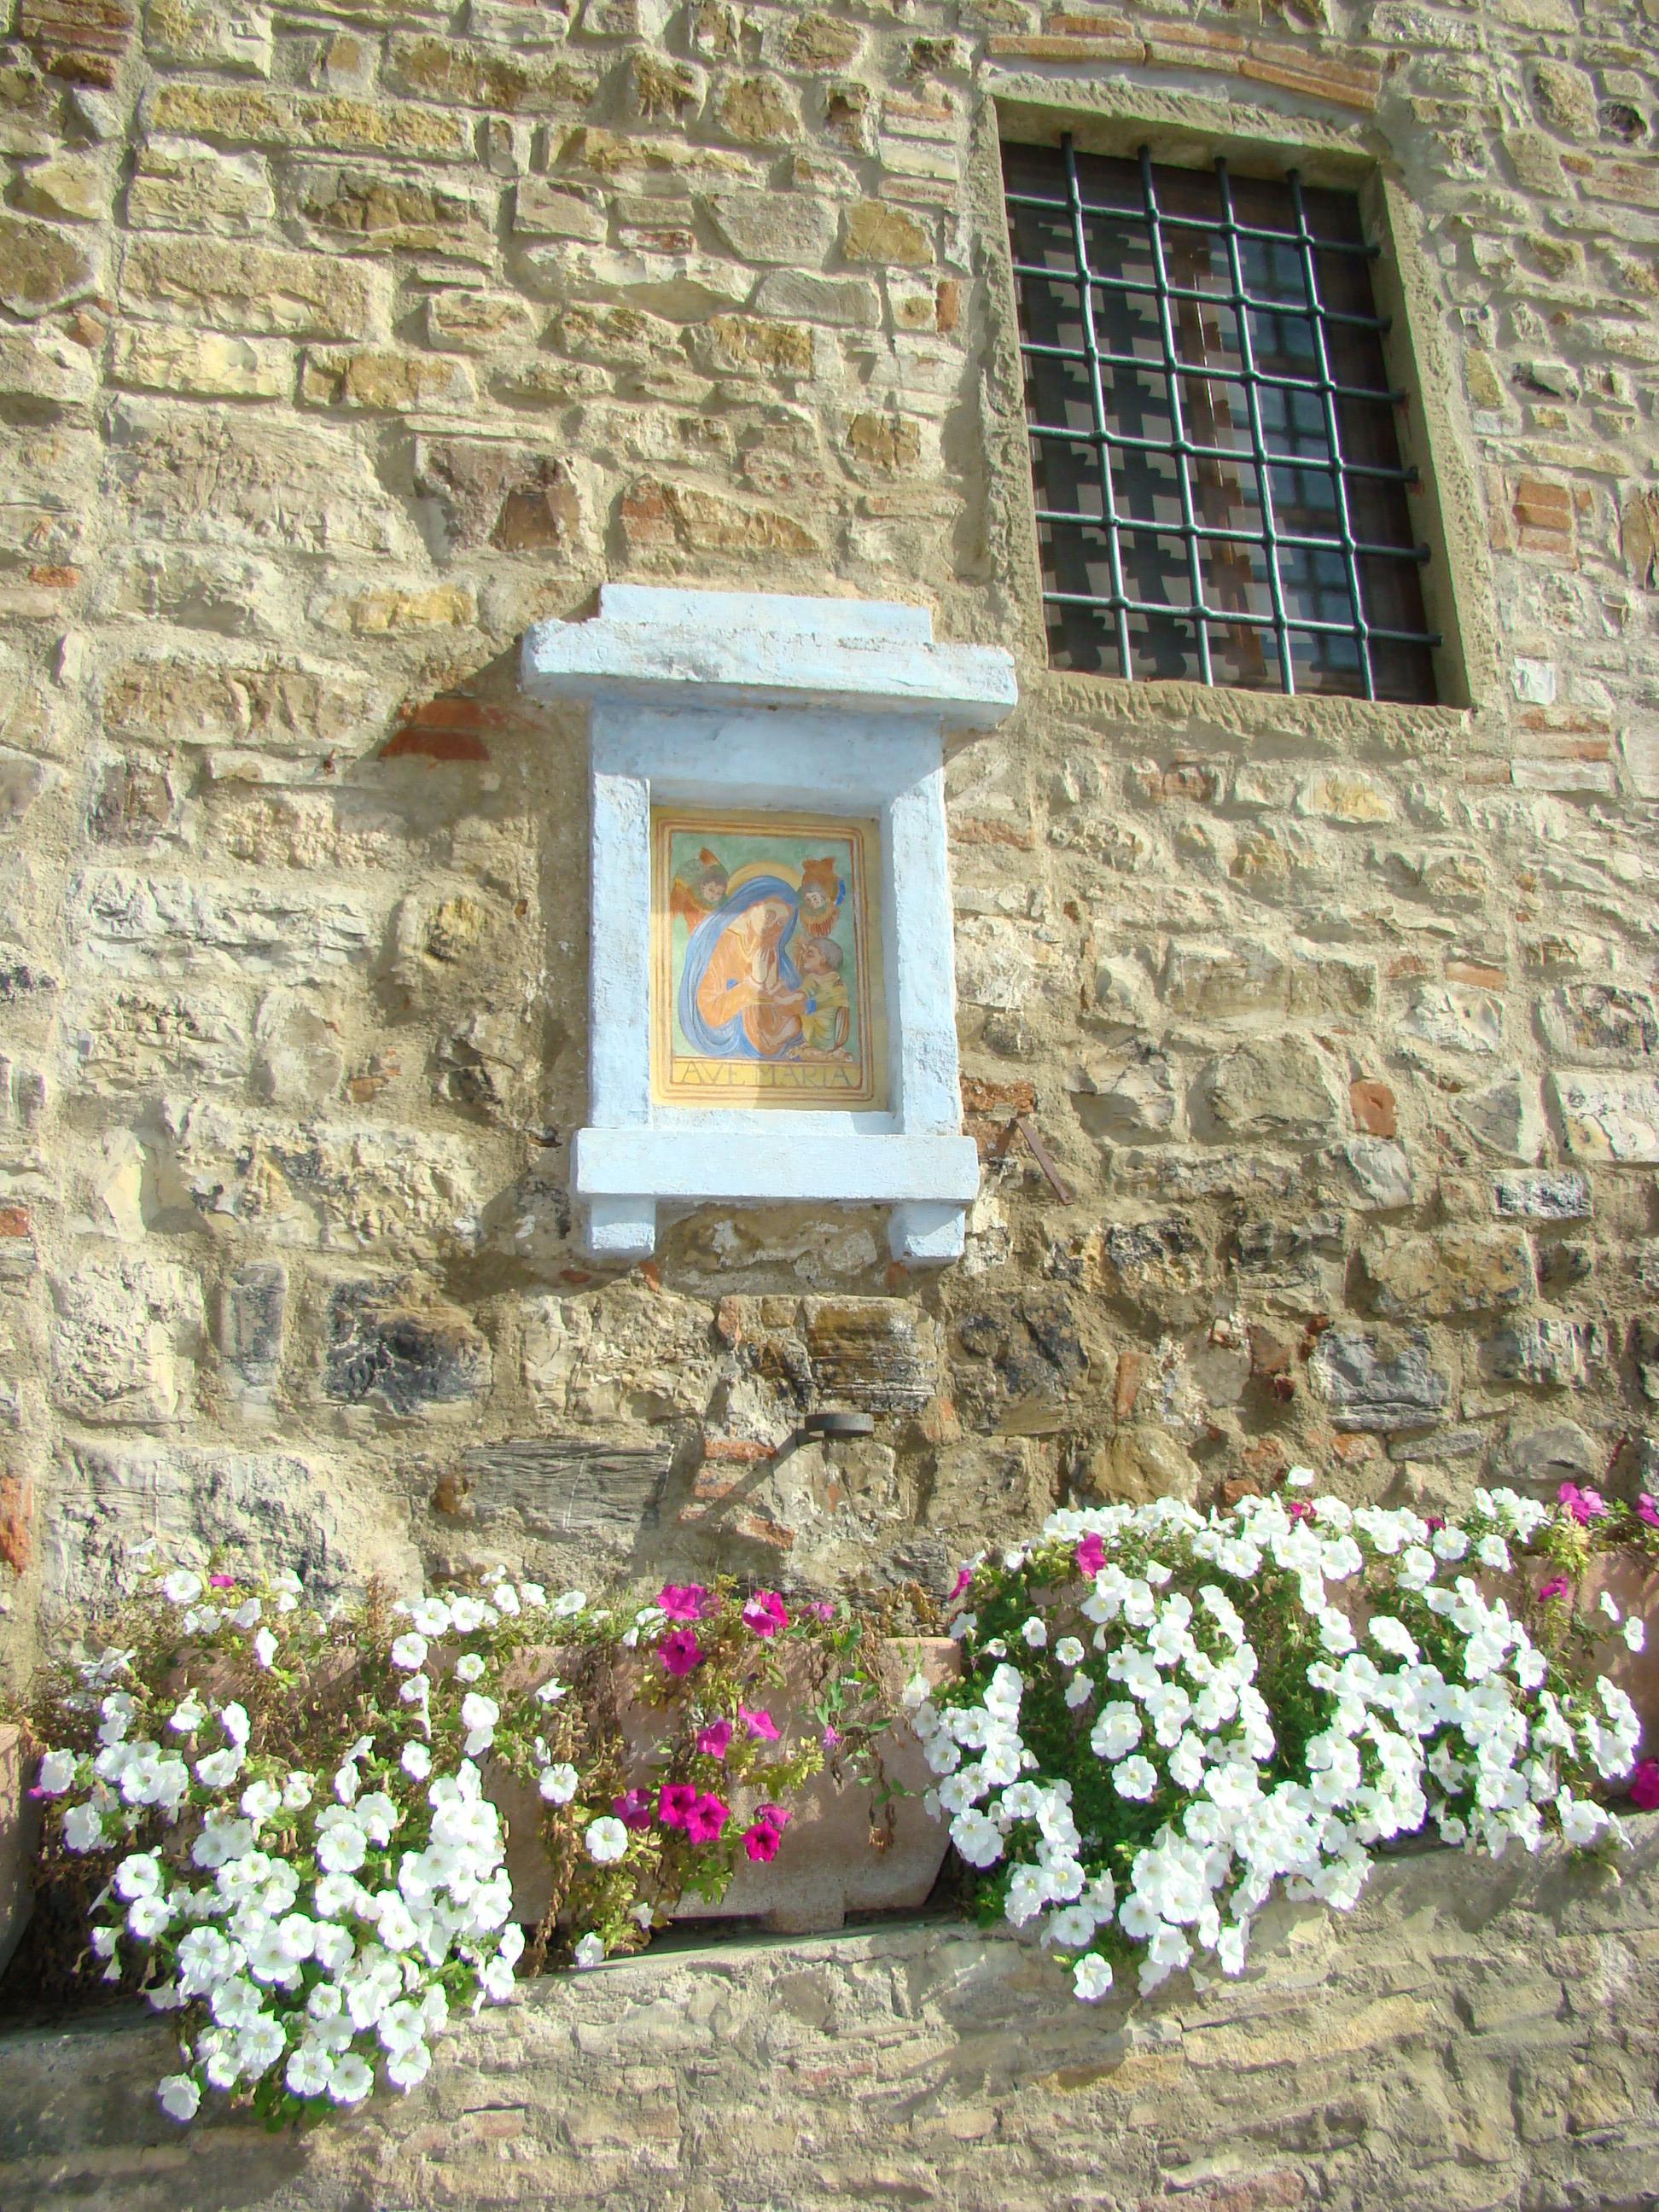 Casa rurale al Podere Torcilacqua (di Giuliana Profeti)